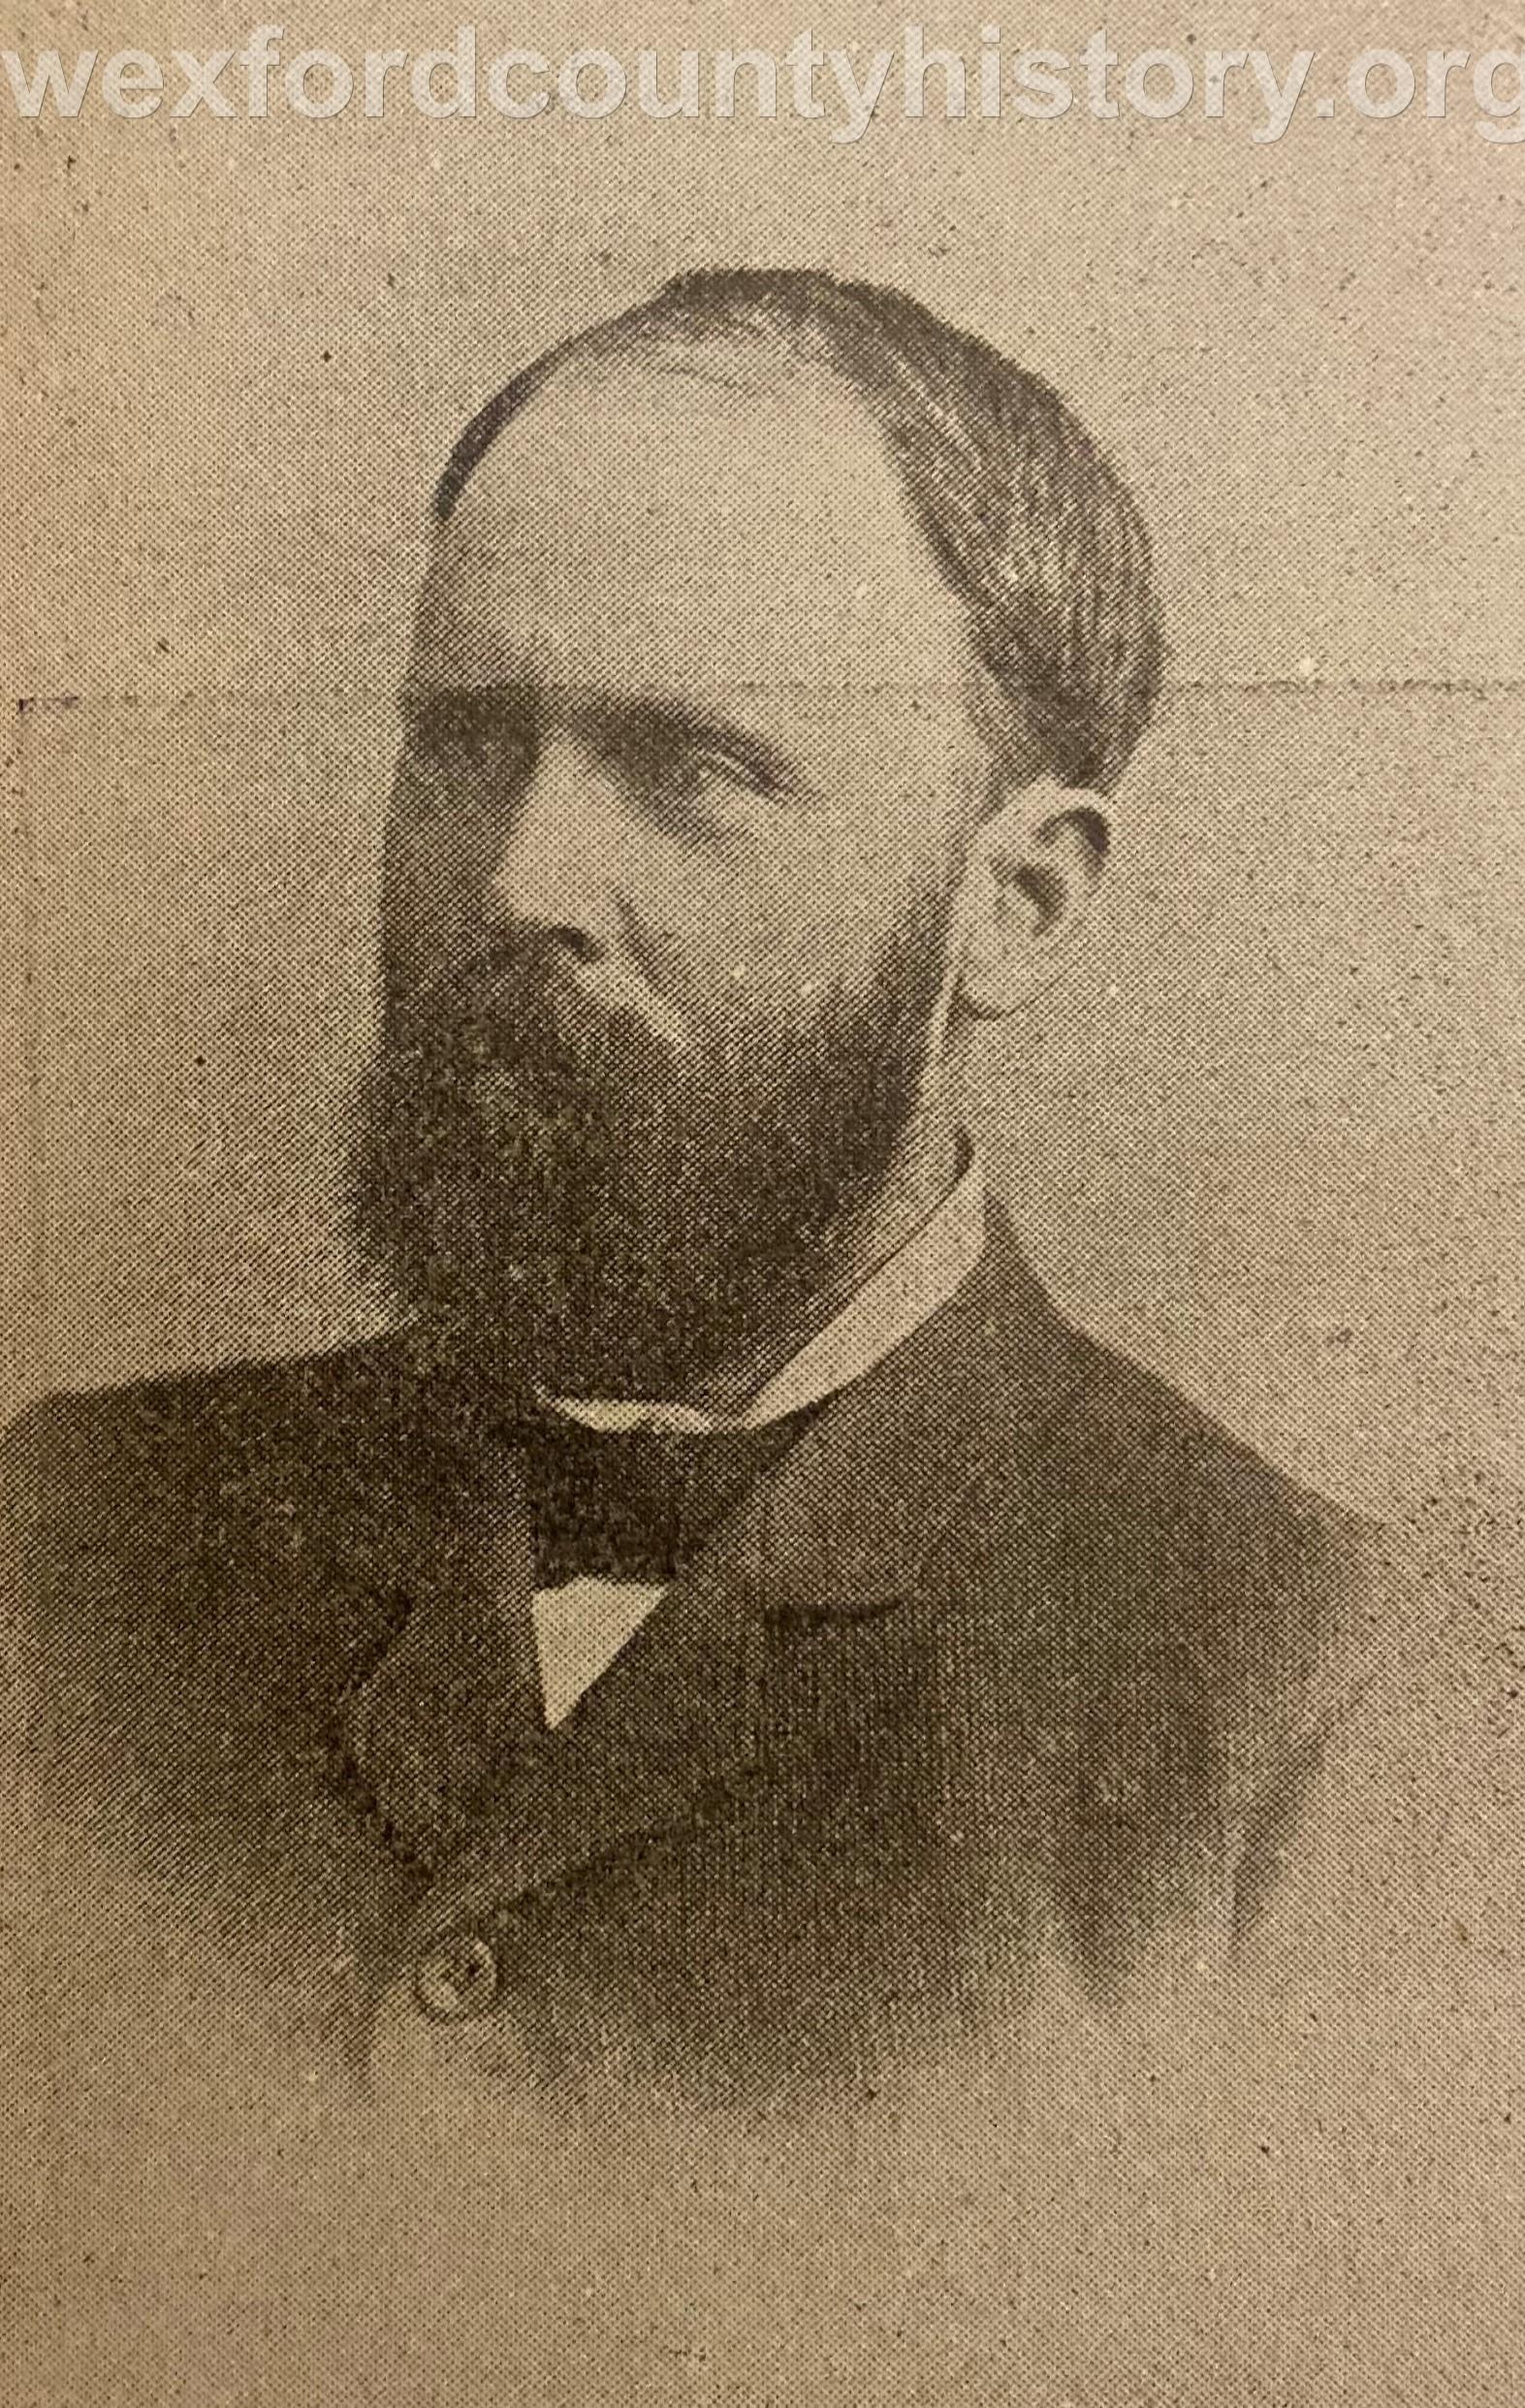 Wellington Cummer